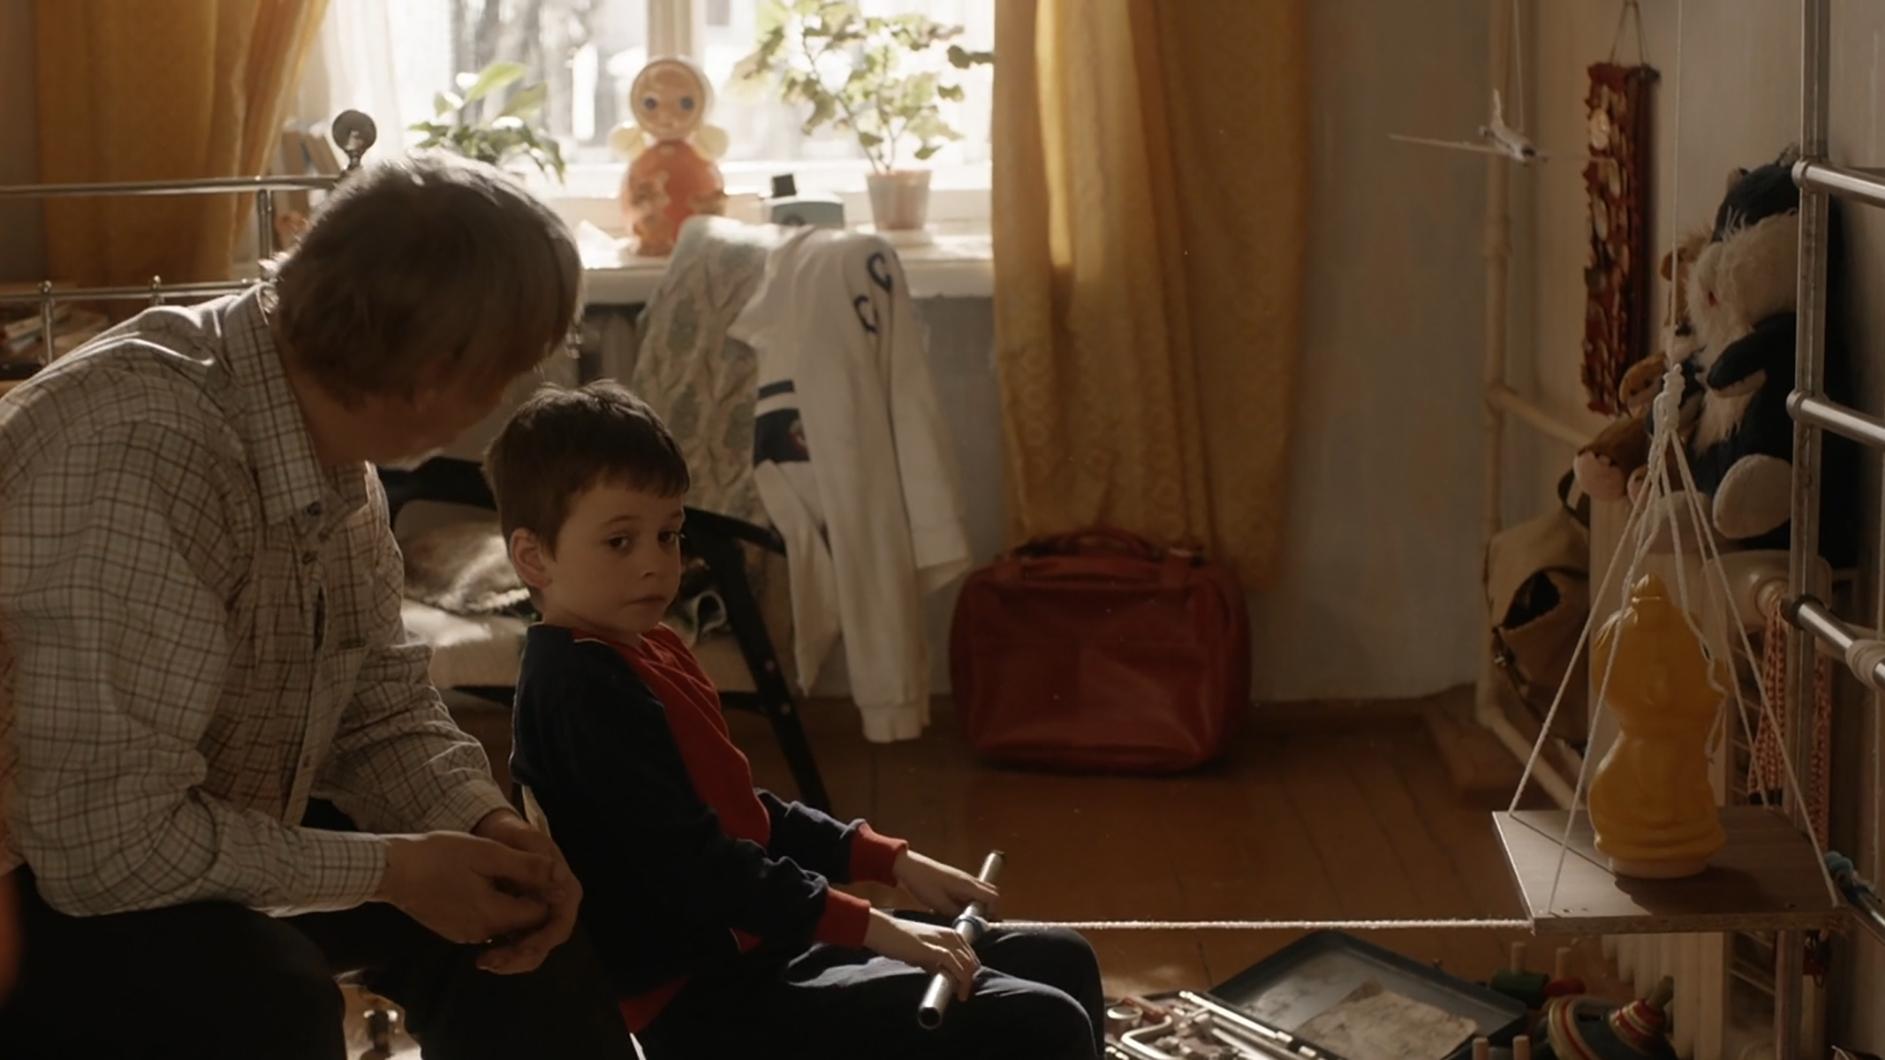 Наперекор судьбе: подборка фильмов о силе духа людей с ОВЗ